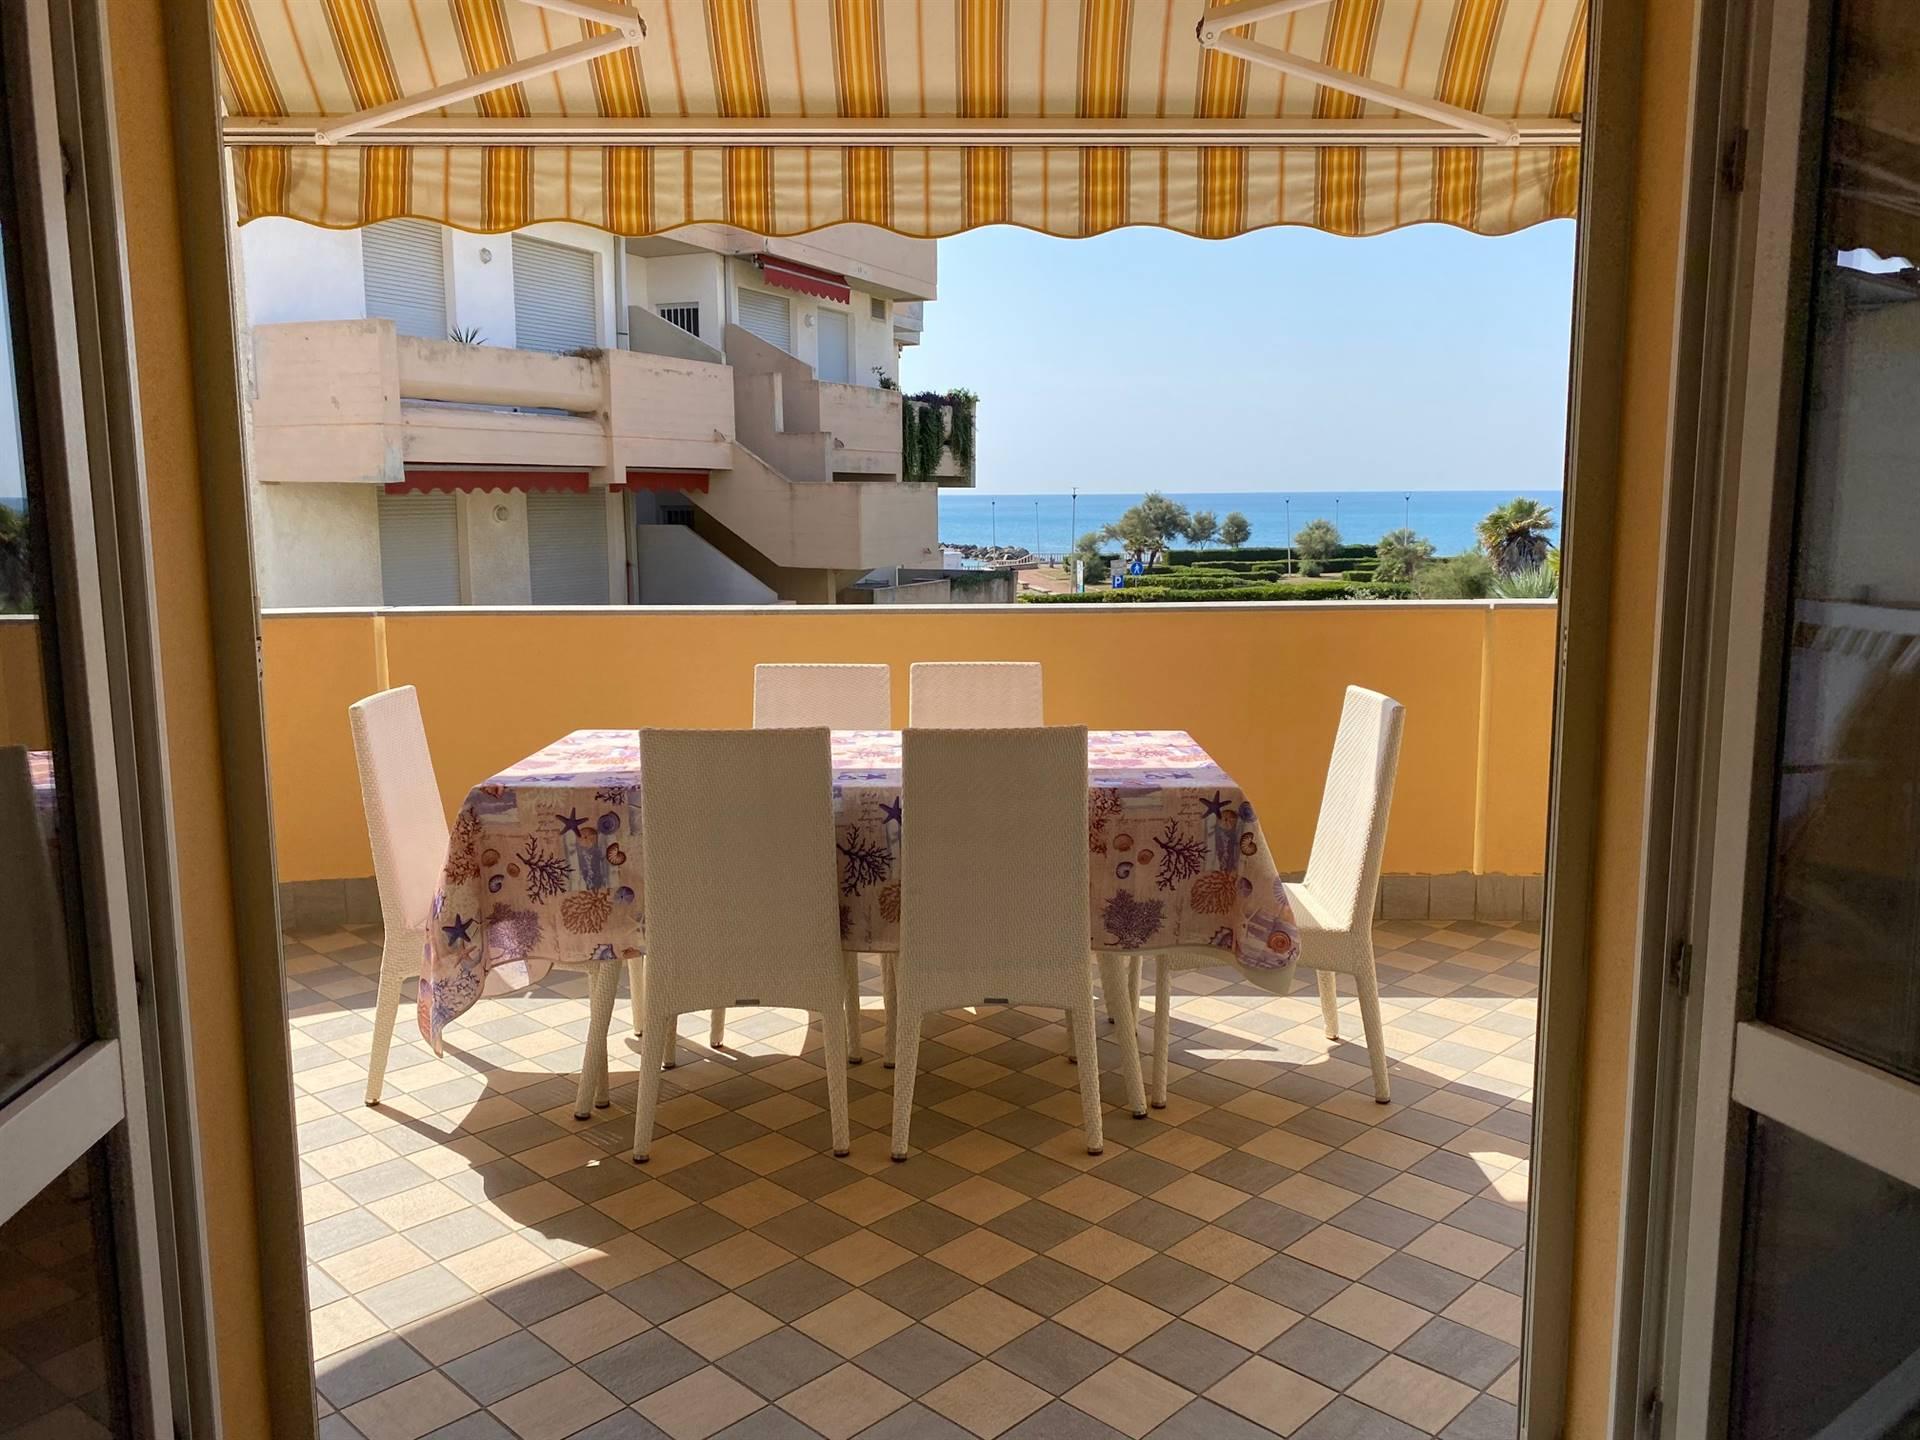 Rosignano solvay Grande bilocale con terrazza abitabile vista mare cantina e posto auto da ottobre a maggio . Appartamento in perfette condizioni